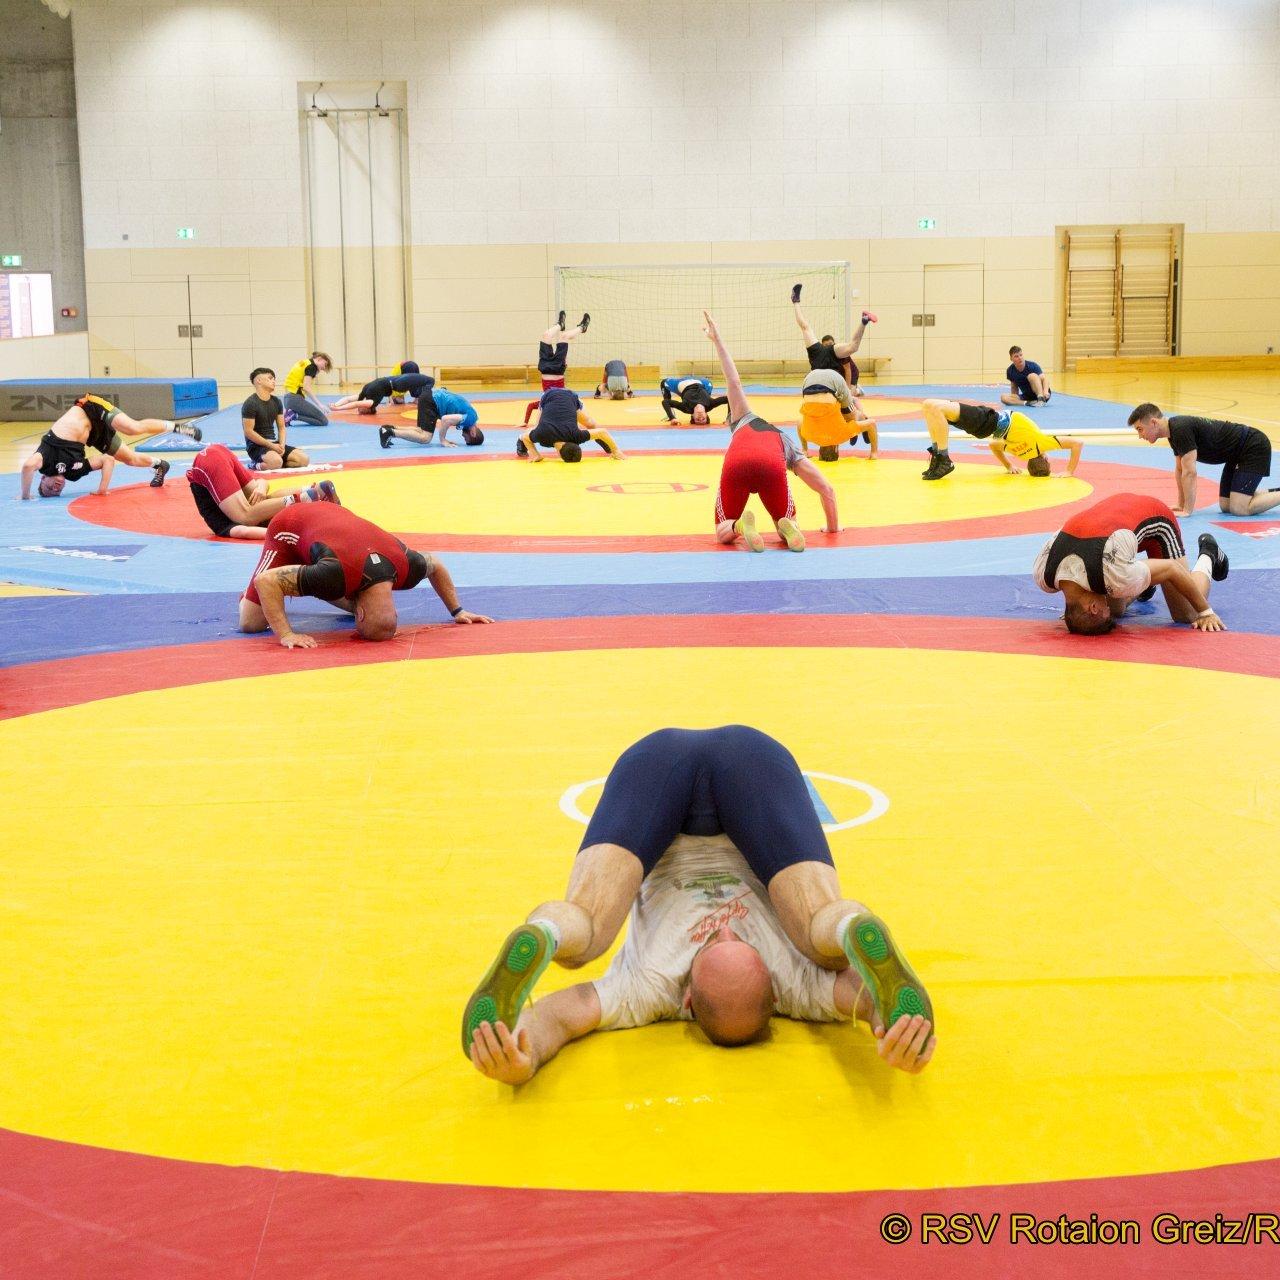 Viele Trainingseinheiten mussten die Sportler absolvieren. Die Vorbereitung auf die Saison läuft.